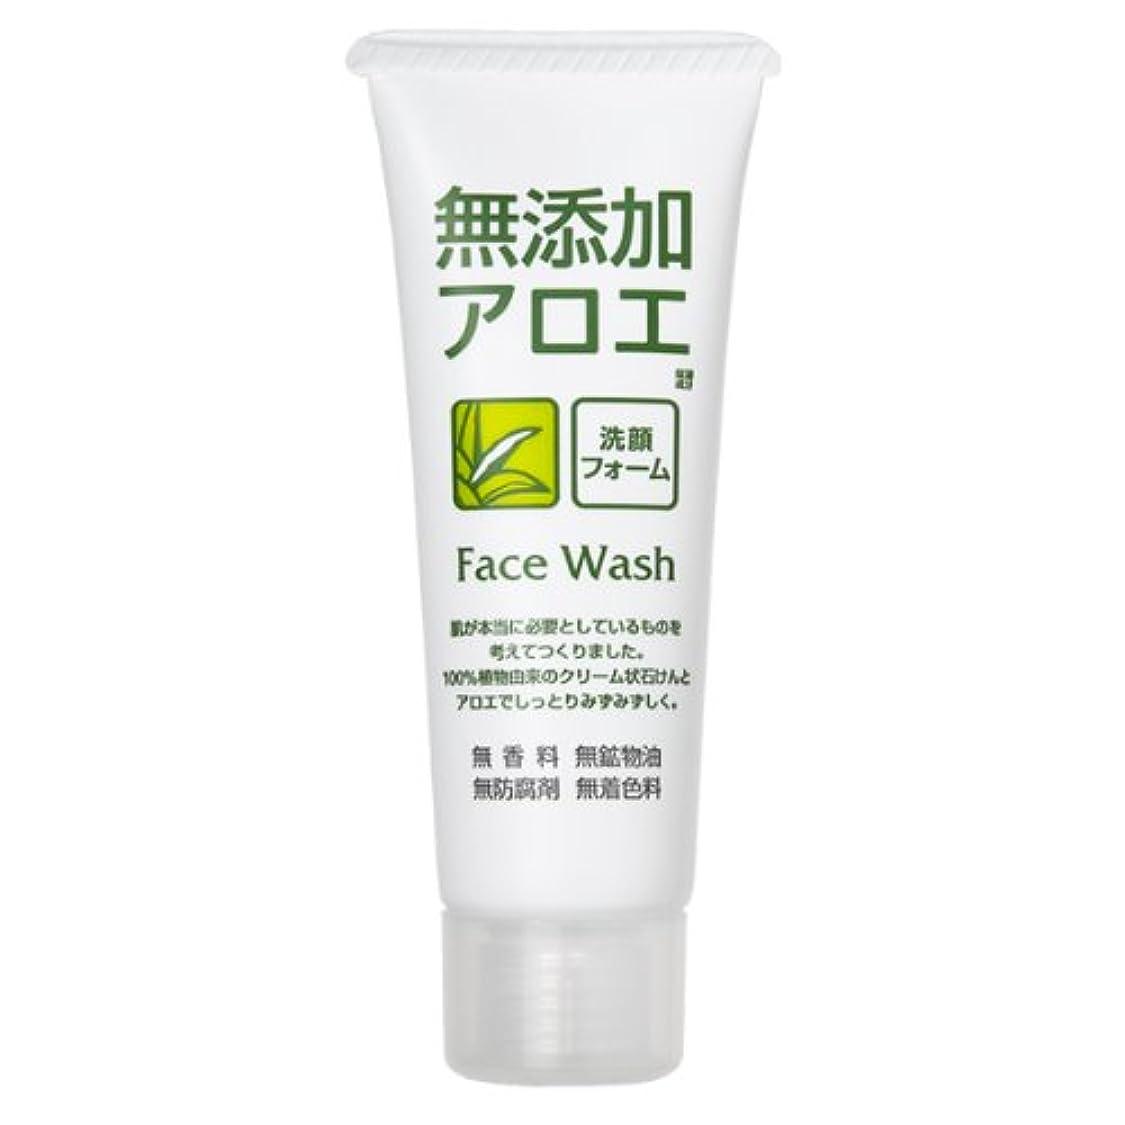 破壊コンチネンタル英語の授業がありますロゼット 無添加アロエ 洗顔フォーム 140g